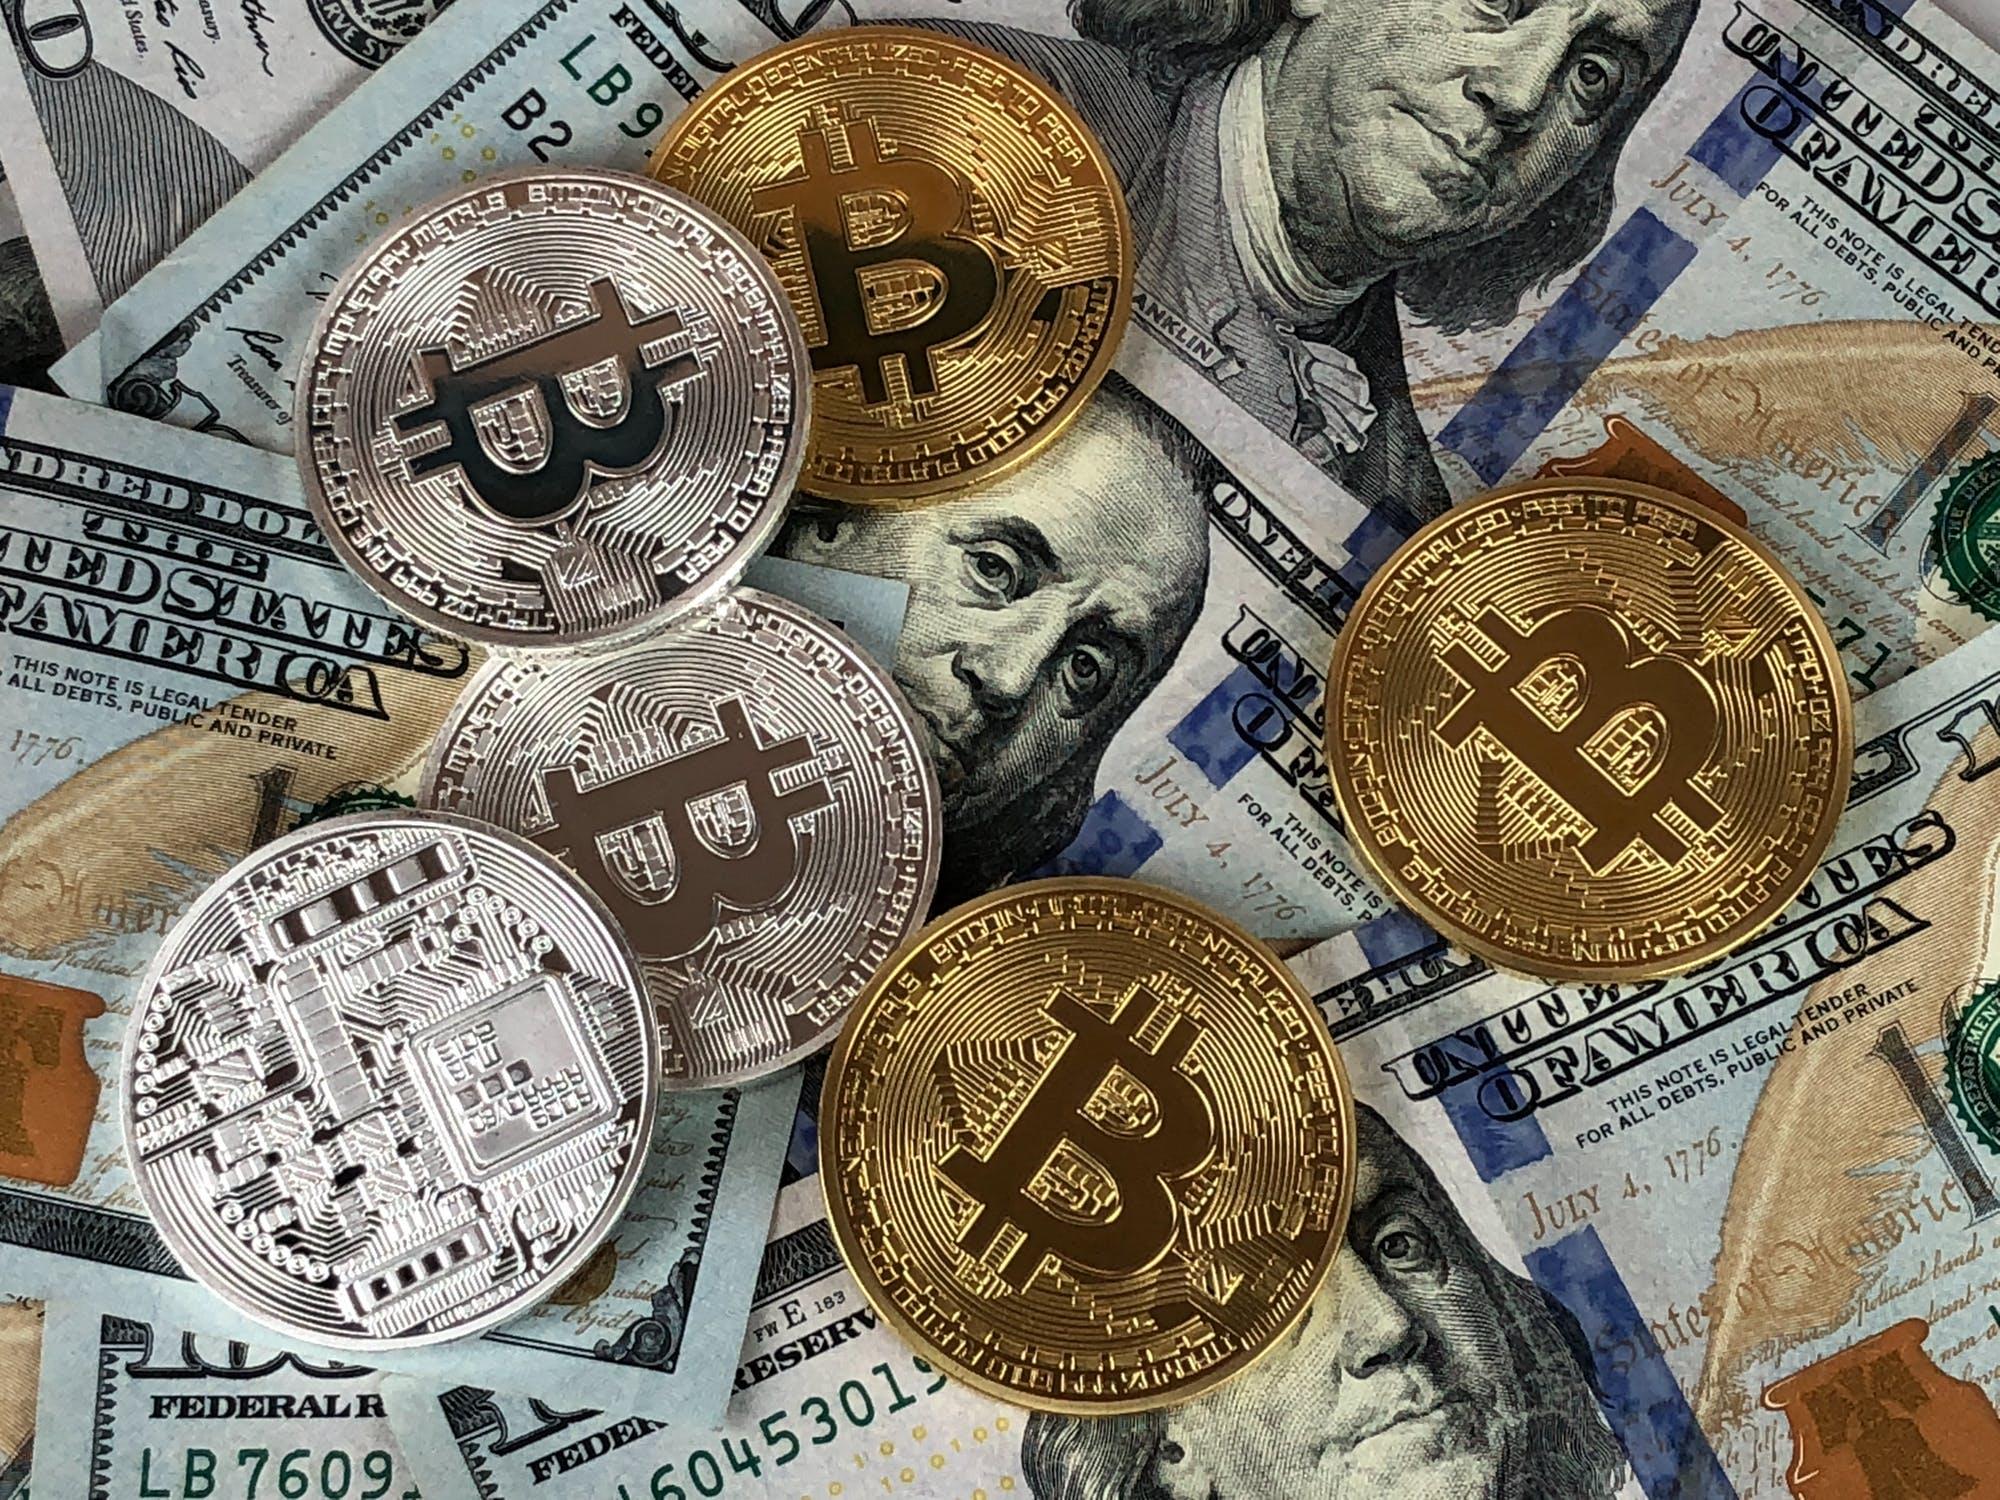 Deswegen verkaufe ich keine Bitcoins vor dem Halving